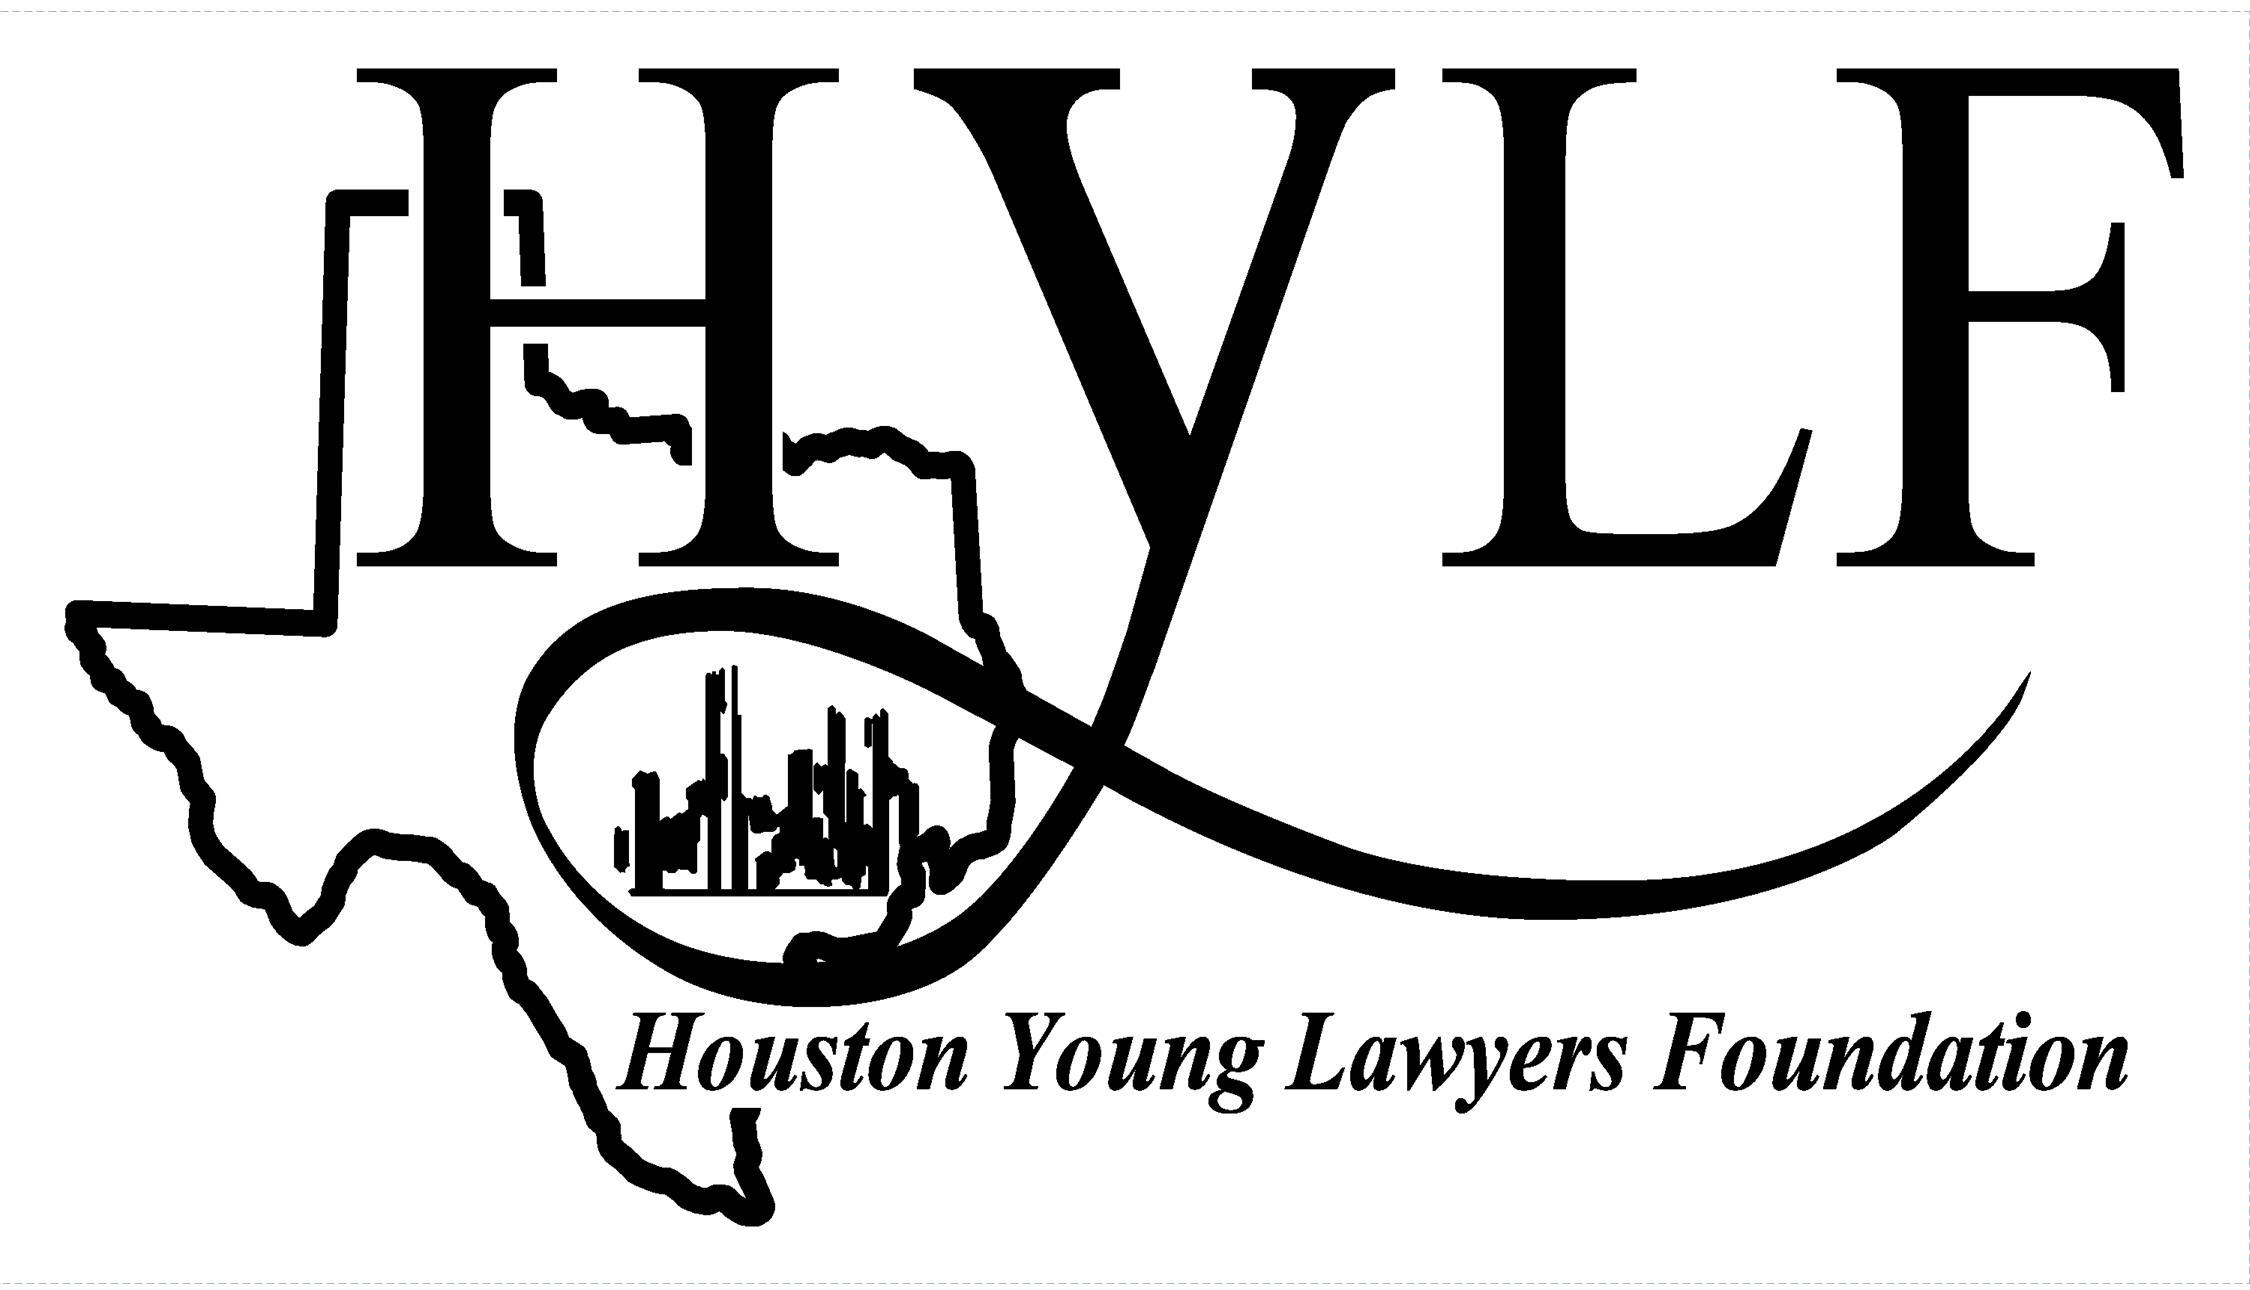 HYLF Logo